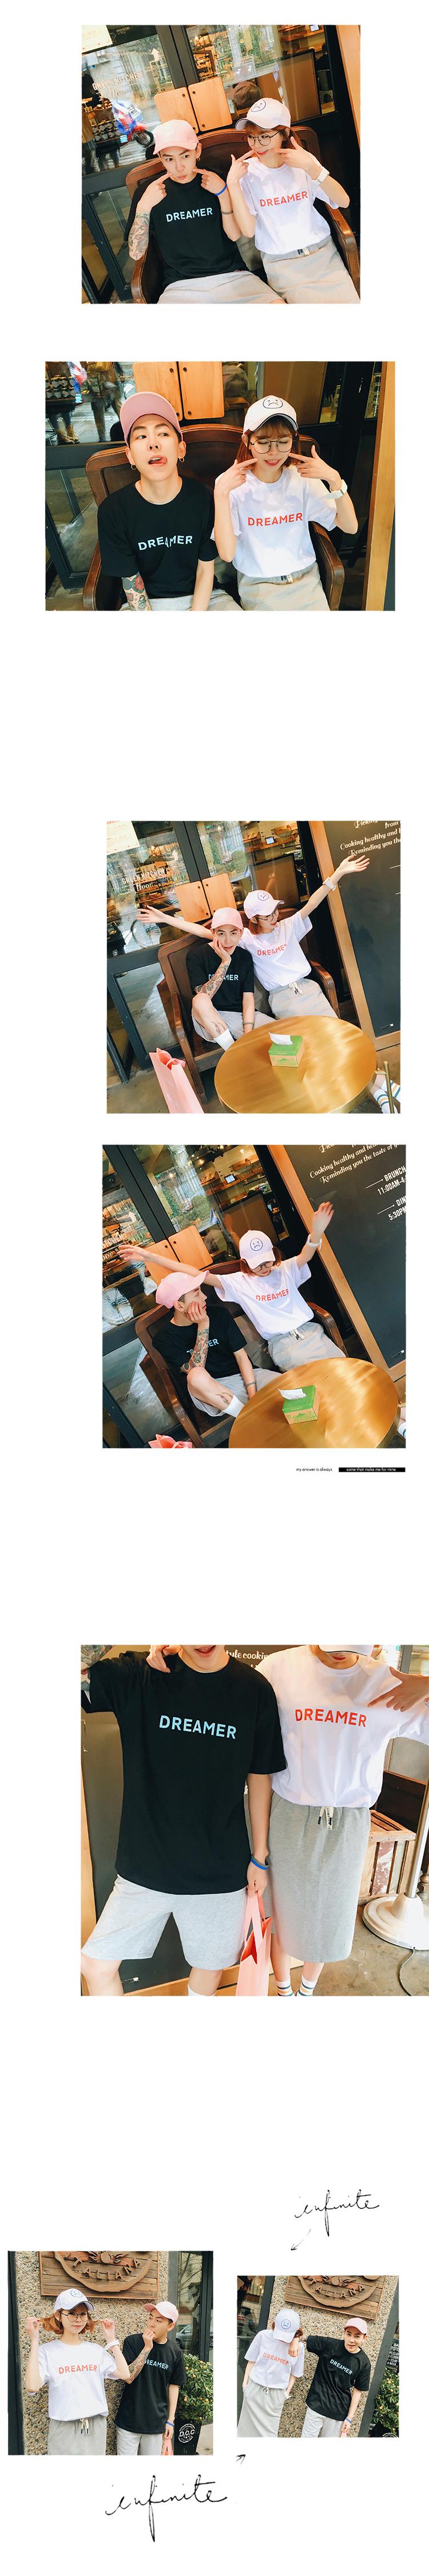 ◆快速出貨◆T恤.情侶裝.班服.MIT台灣製.獨家配對情侶裝.客製化.純棉短T.藍紅DREAMER【Y0175】可單買.艾咪E舖